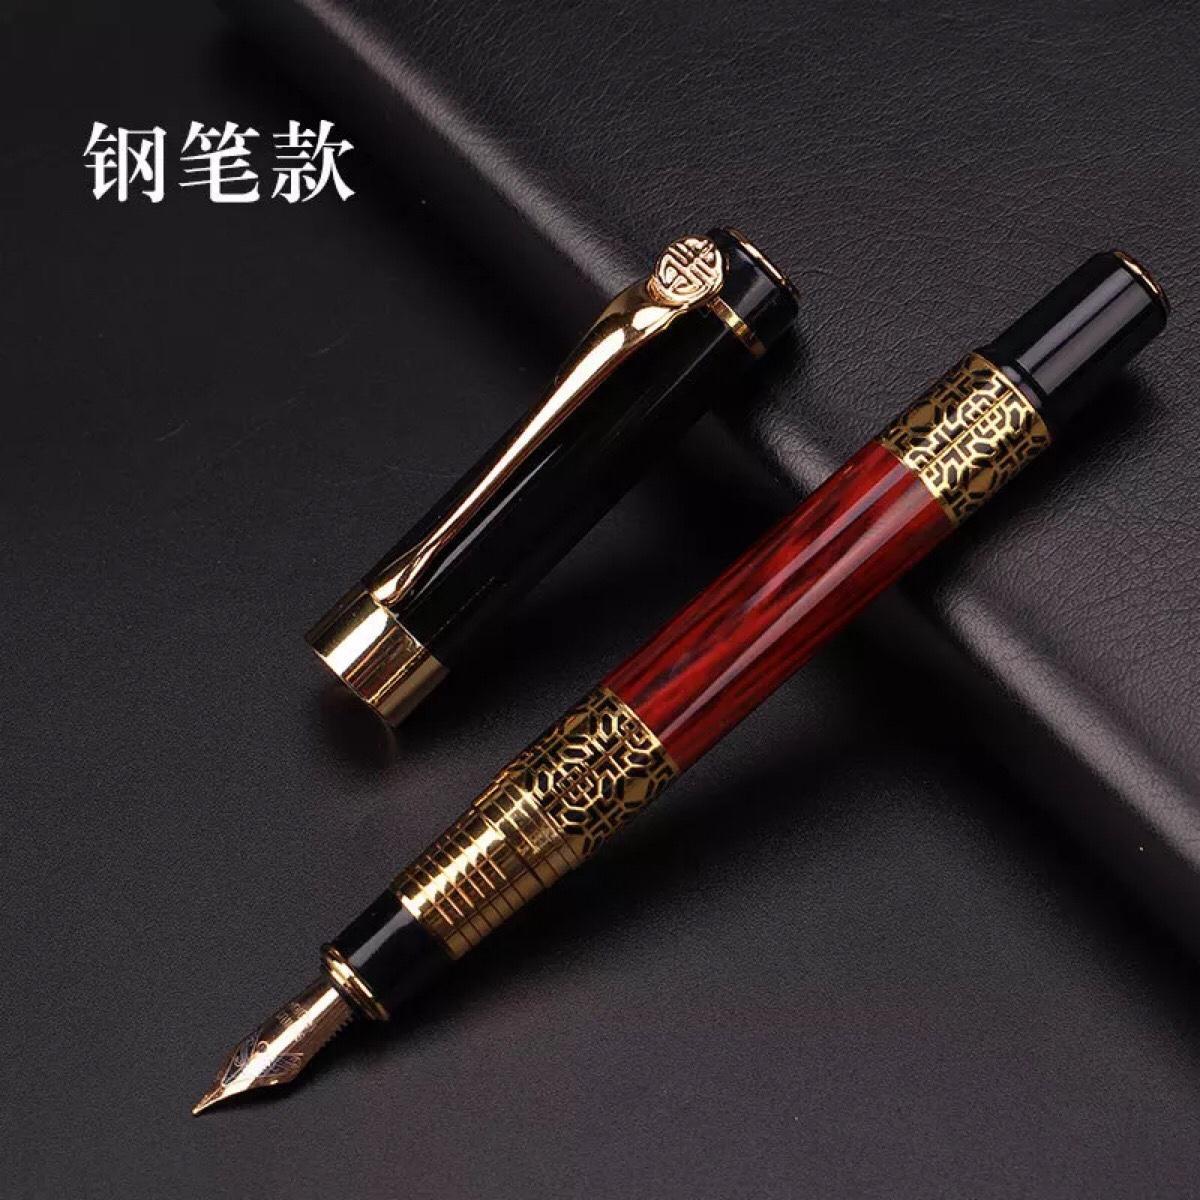 Mua Bút Máy Cao Cấp Hero 530 Ngòi 0.5mm Hơn cả Bút máy Hồng Hà, Bút Máy Kim Thành